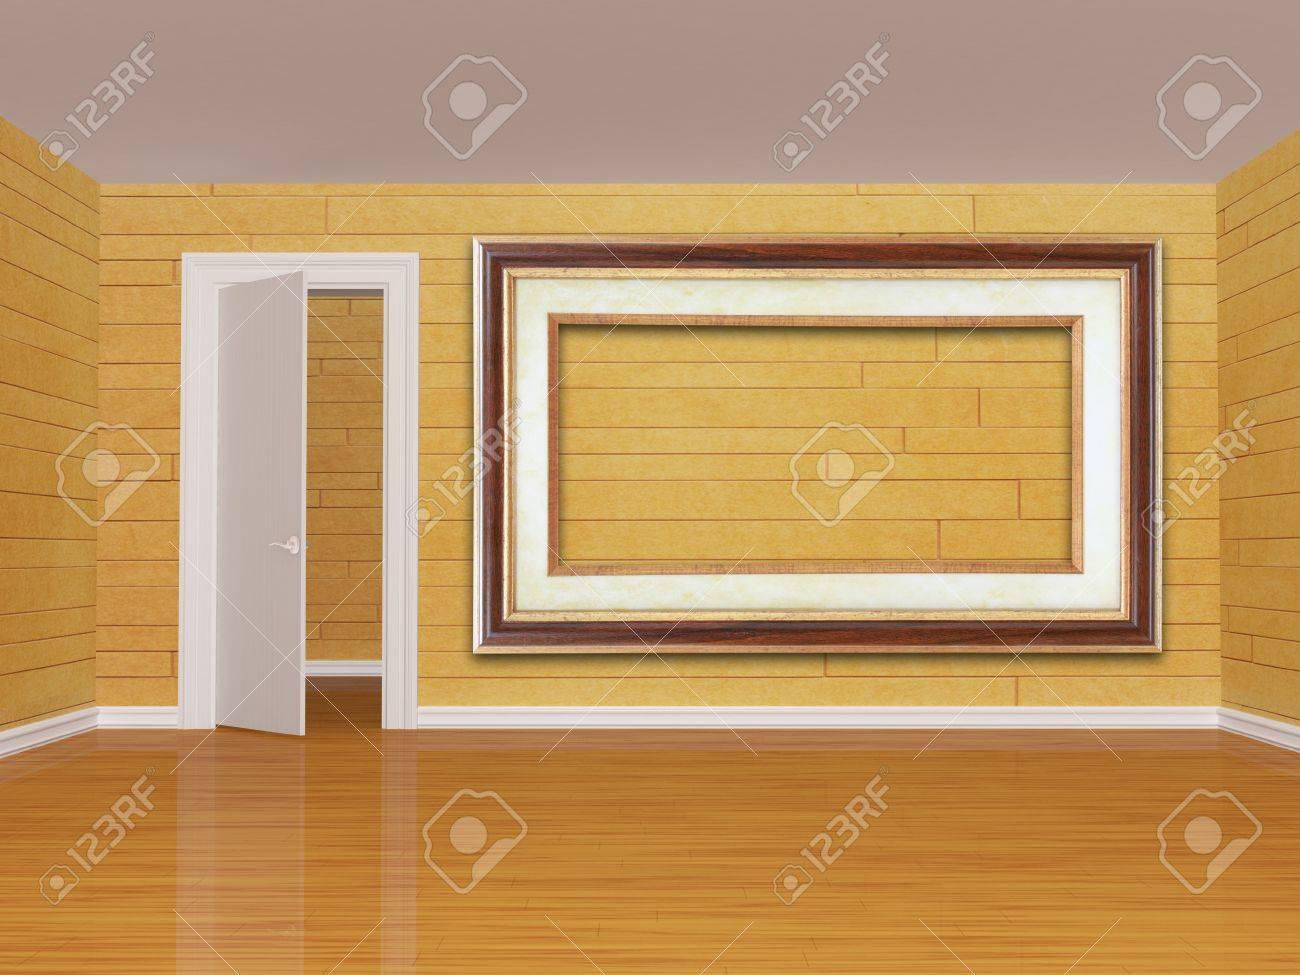 empty room with open  door Stock Photo - 13172000